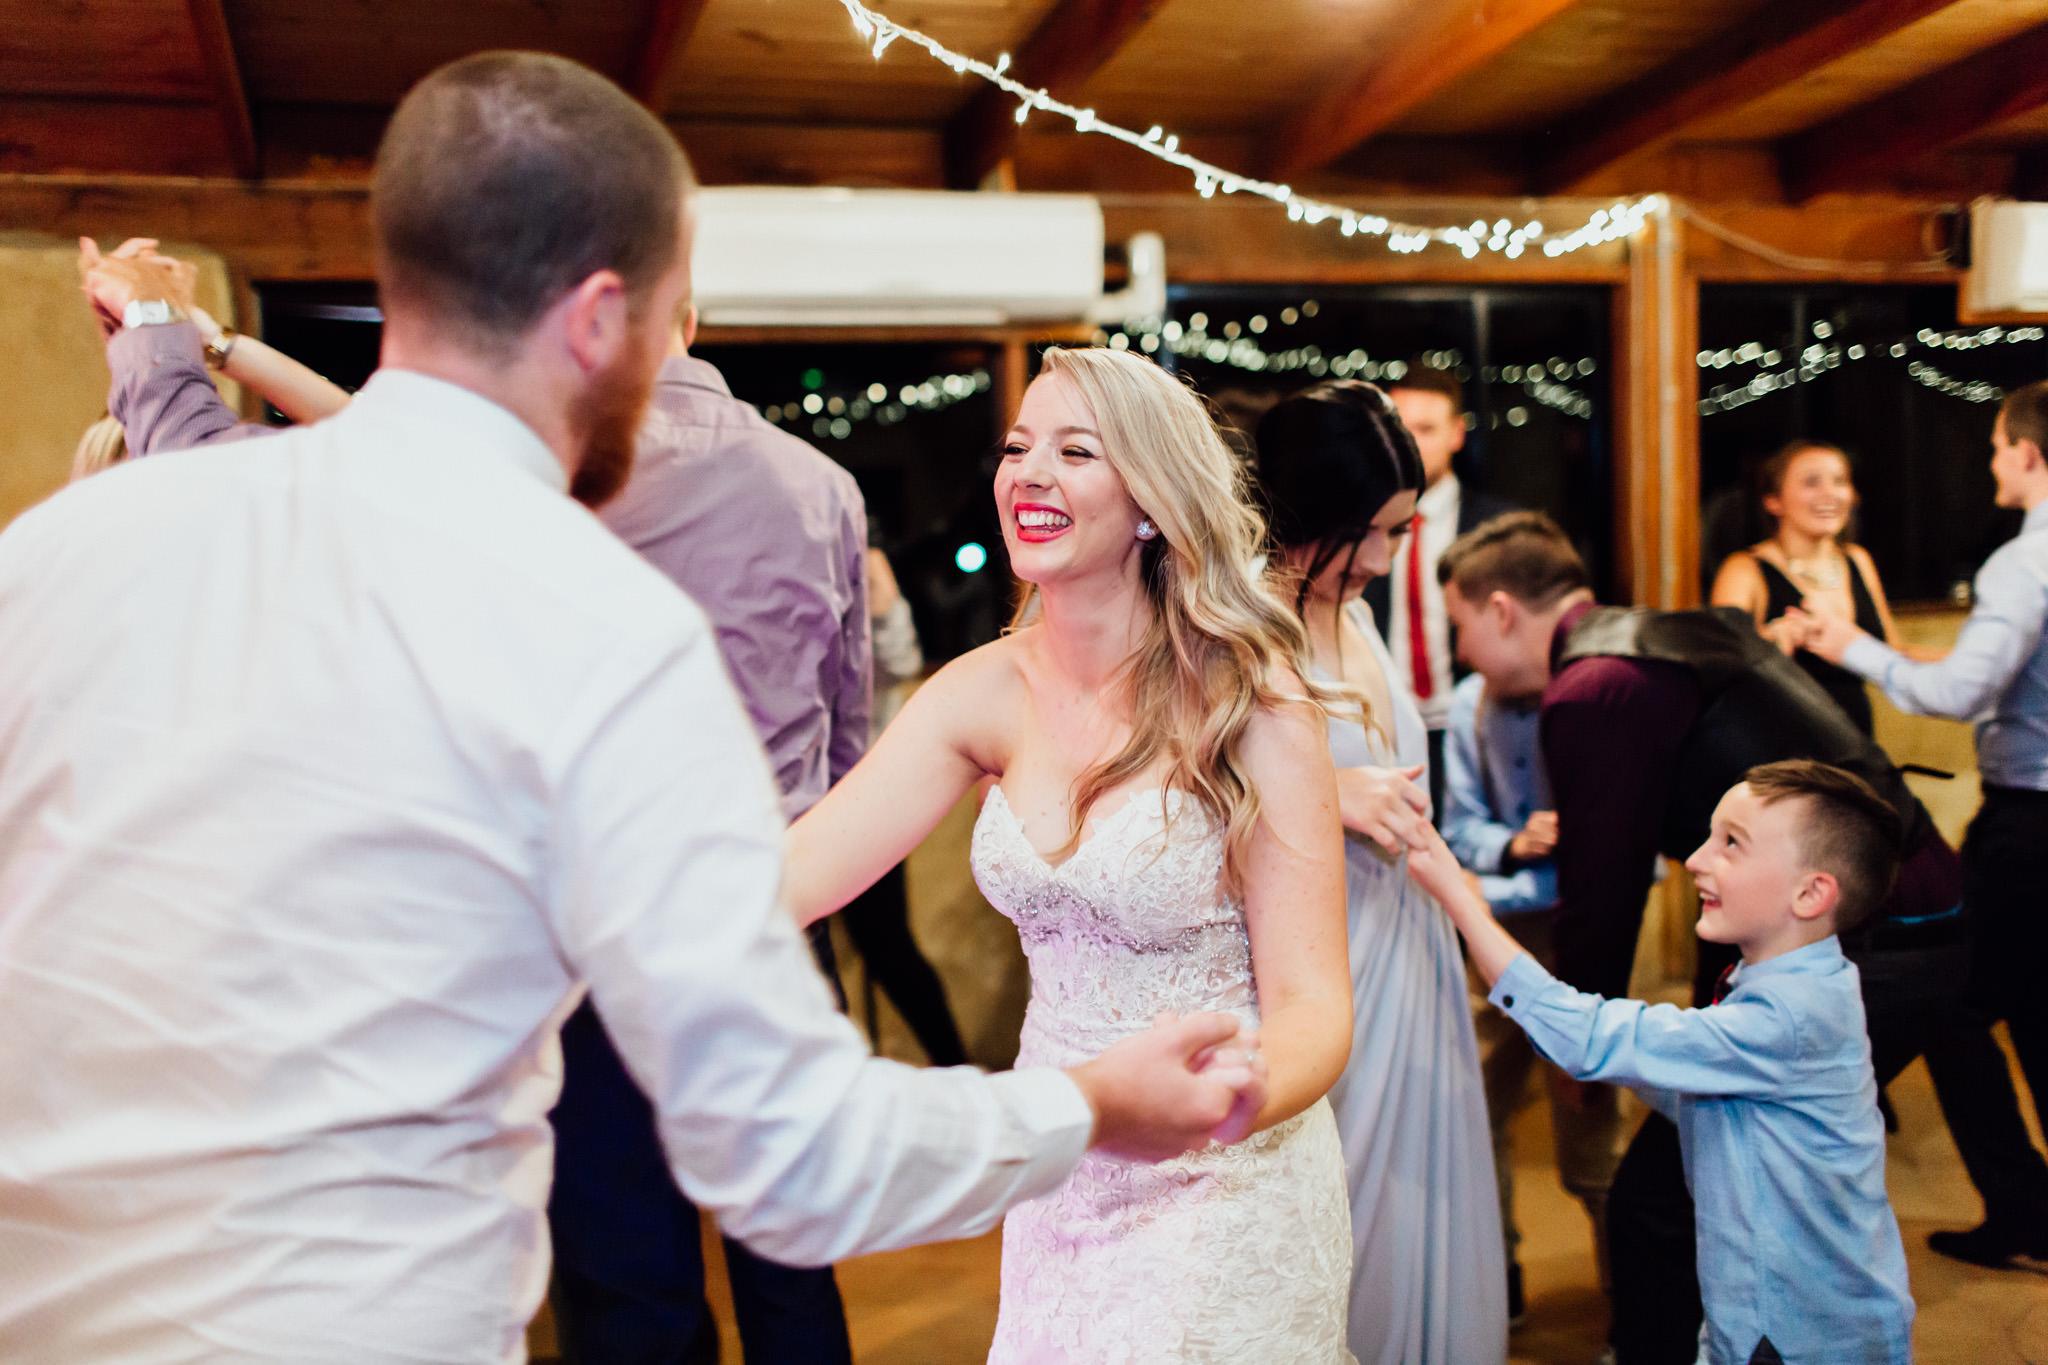 WeddingPhotos_Facebook_2048pixels-1162.jpg